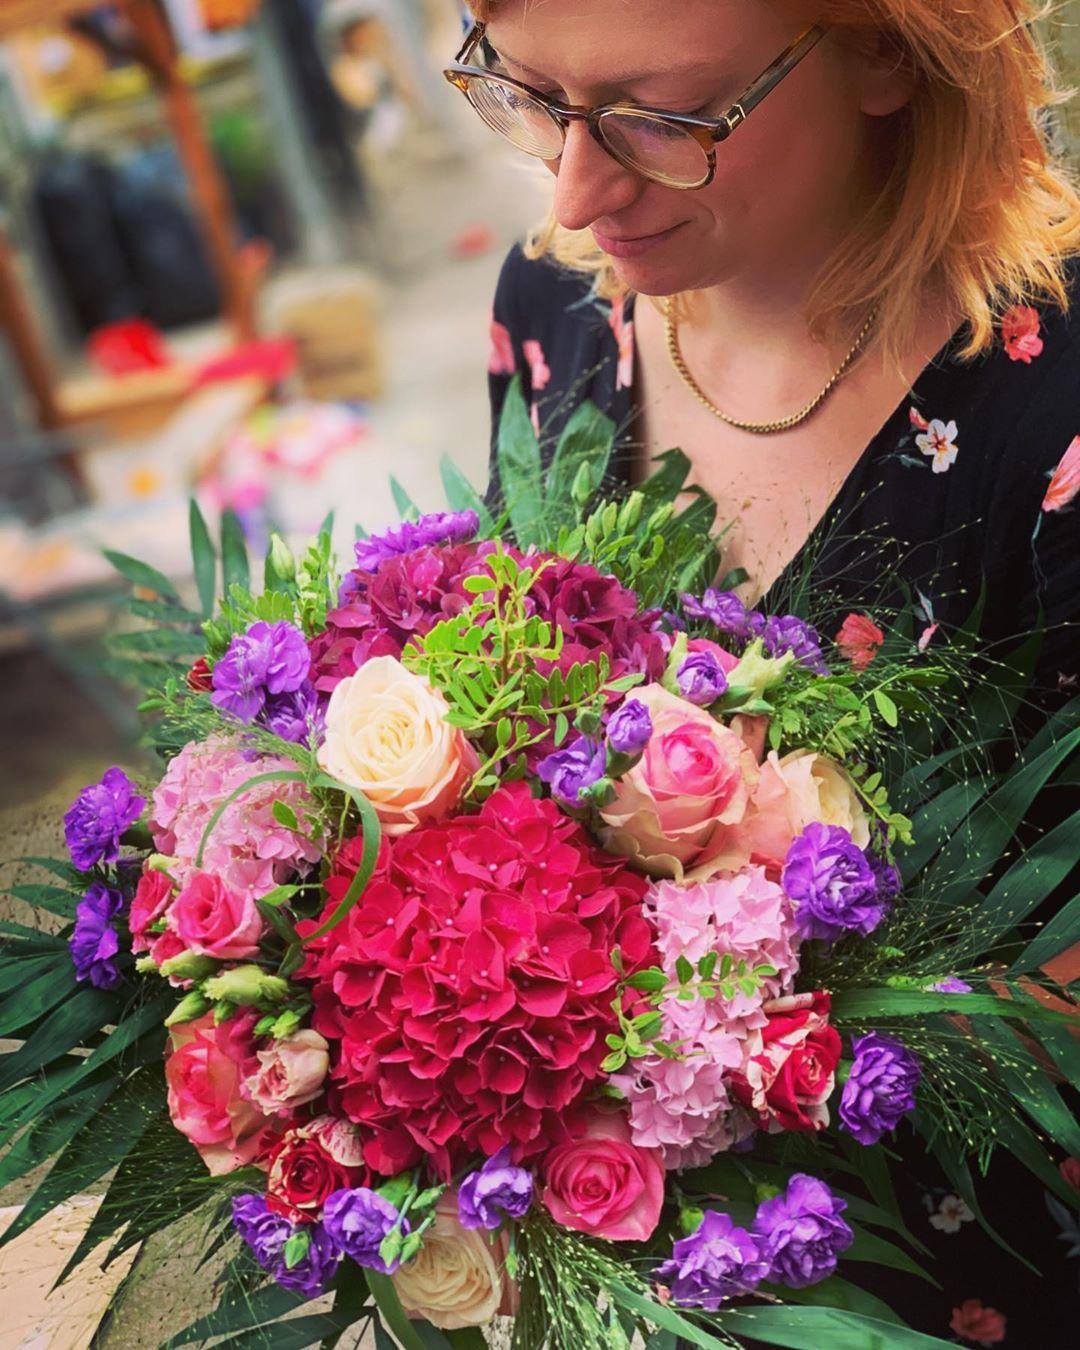 Valentinstag Ist Erst Wieder Irgendwann Im Februar Heute Blumen Mitbringen Ware Wirklich Eine Uberraschung Blumen Hortensien Blumen Blumenstrauss